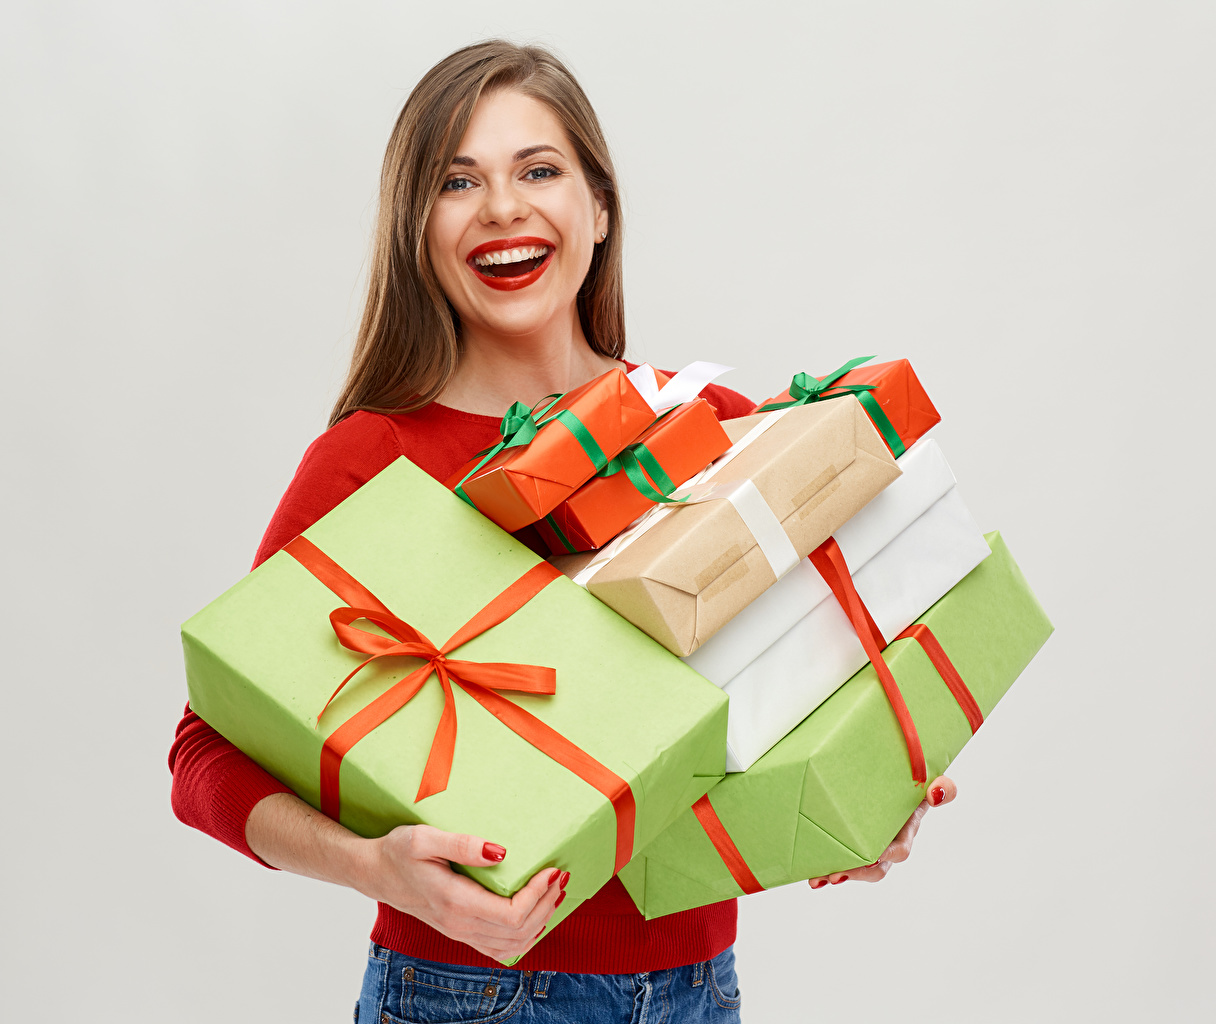 Фотография Шатенка радостный Девушки подарков белом фоне шатенки счастье Радость радостная счастливая счастливый счастливые девушка молодые женщины молодая женщина Подарки подарок Белый фон белым фоном